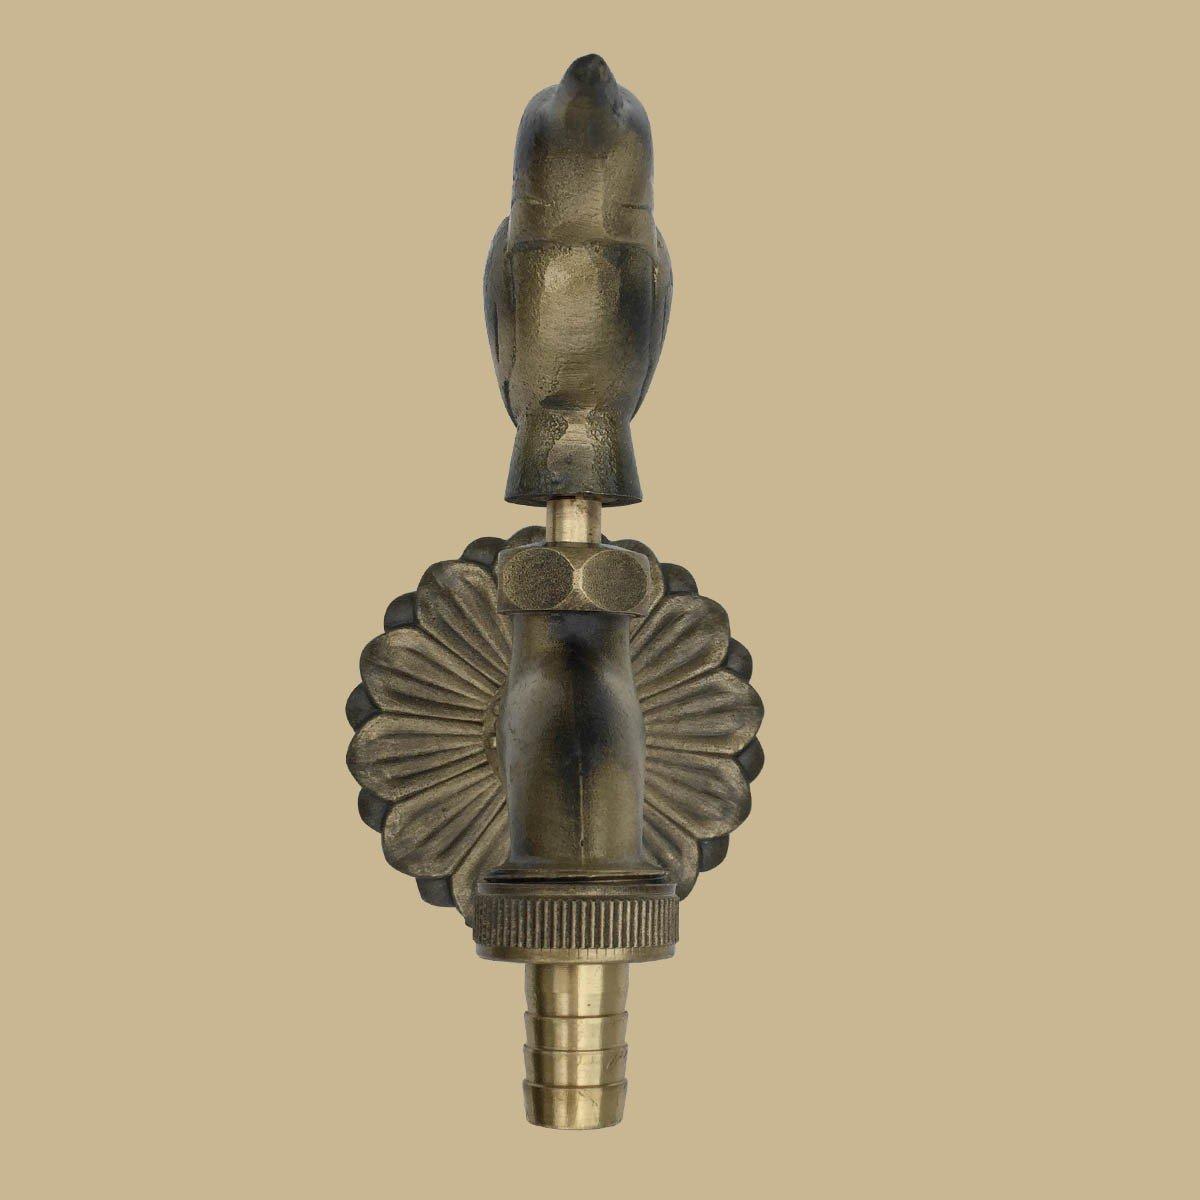 Outdoor Faucet Bird Spigot Garden Tap Antique Brass   Renovators Supply 6